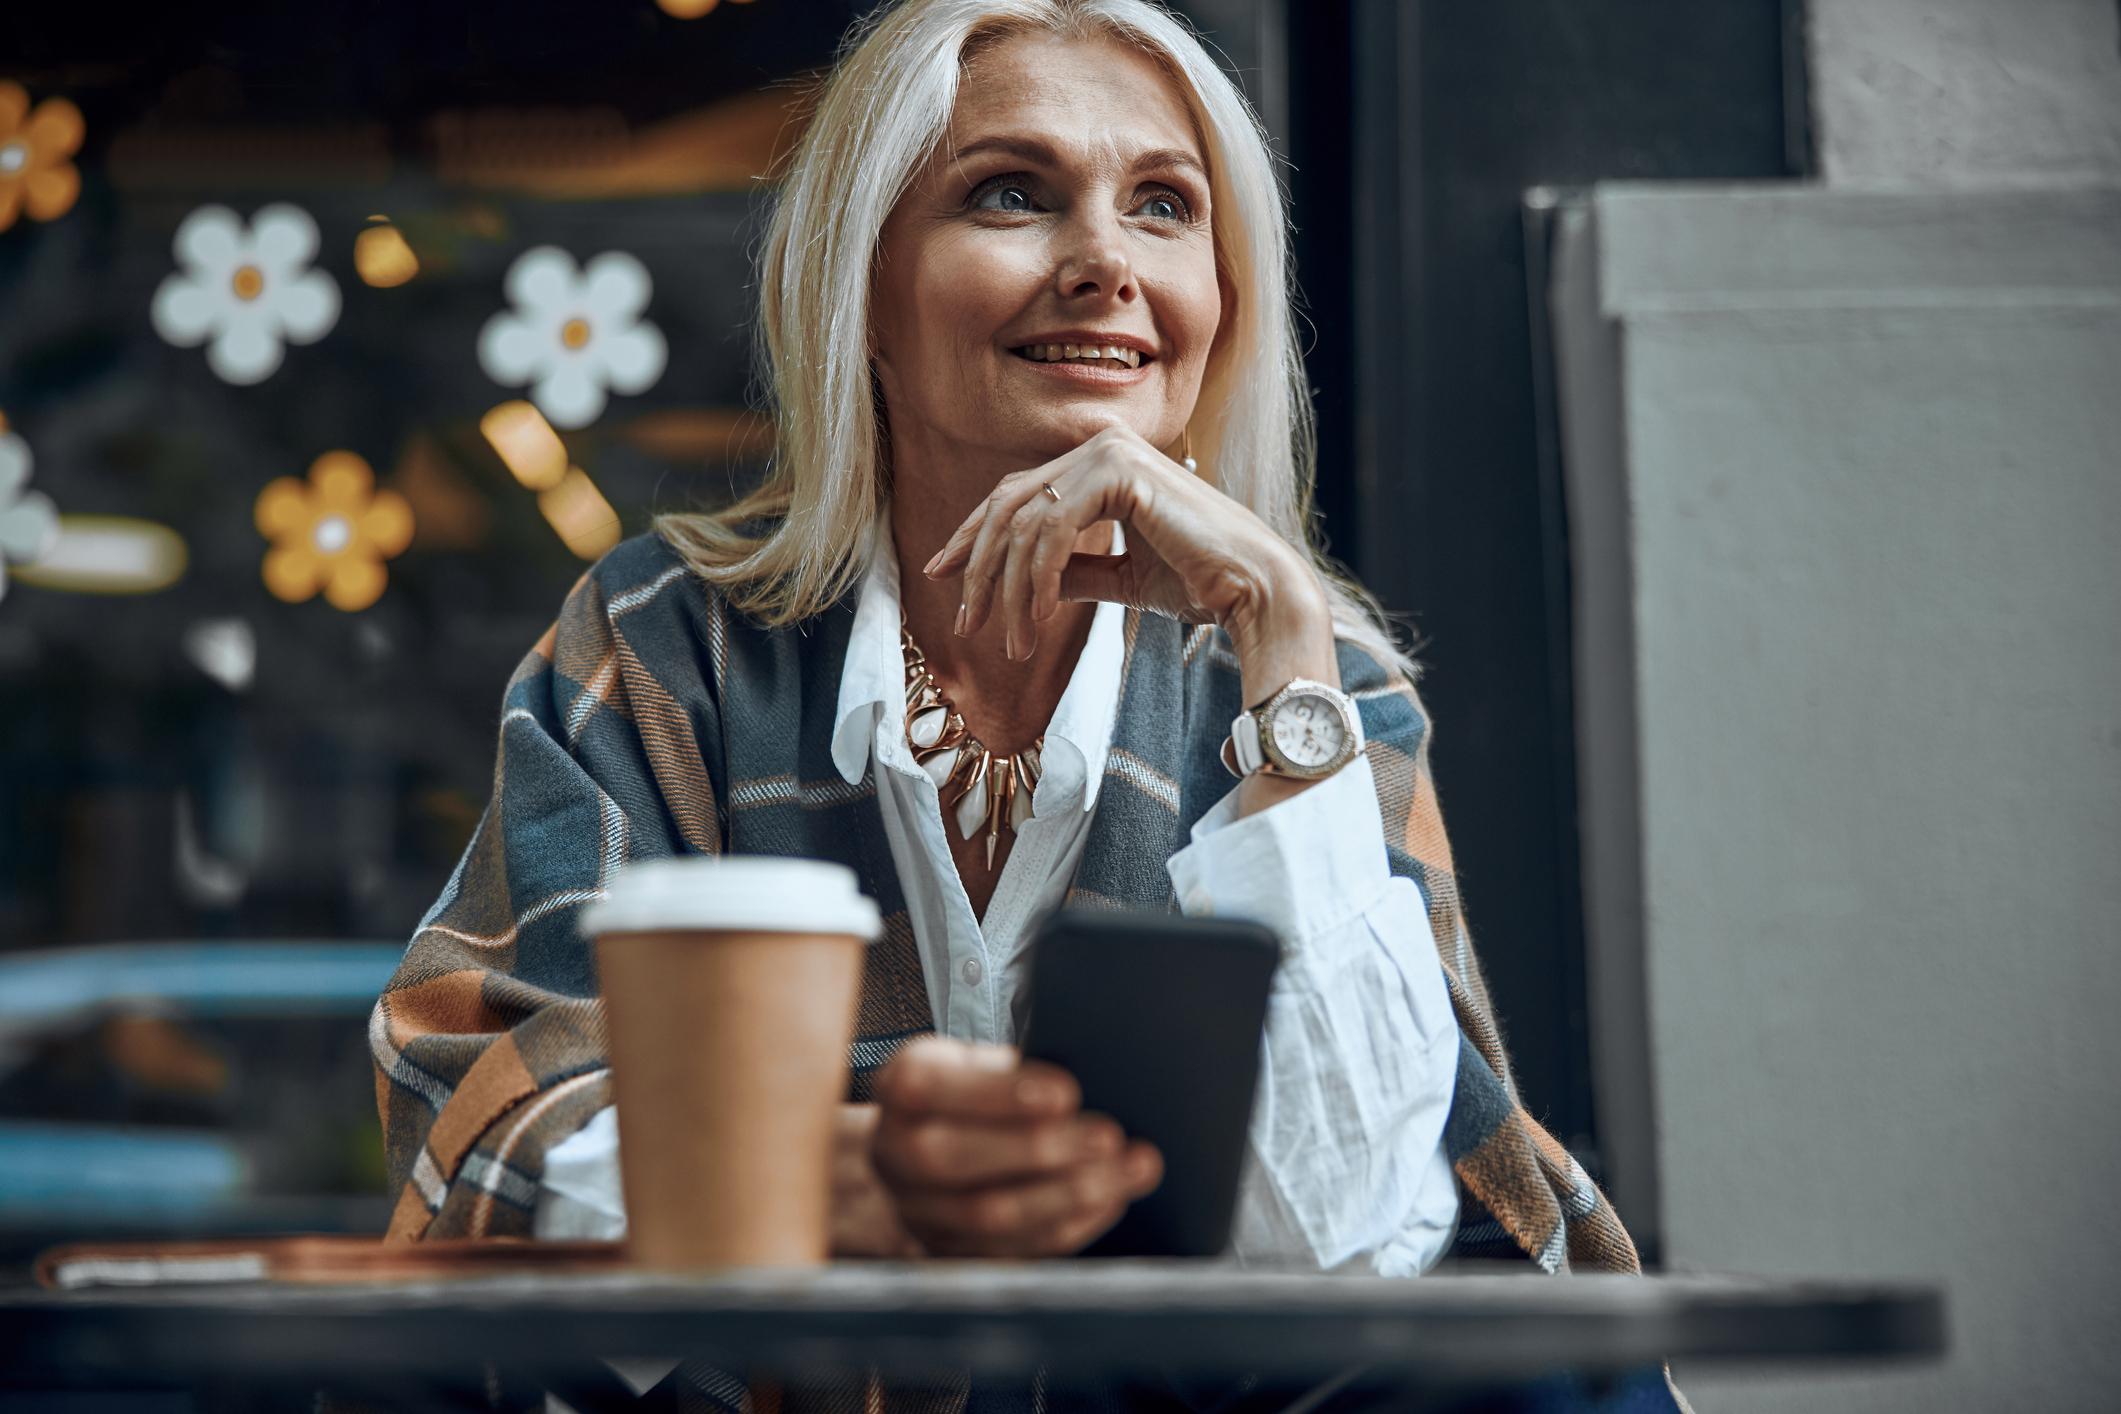 Postoji percepcija da kako žene stare ne žele više imati spolne odnose, ali istraživanje je pokazalo da je seksualna aktivnost kod starijih žena povezana s dobrim zdravljem i čvrstom vezom ispunjenom ljubavlju te sa zdravom emocionalnom povezanošću s partnerom.